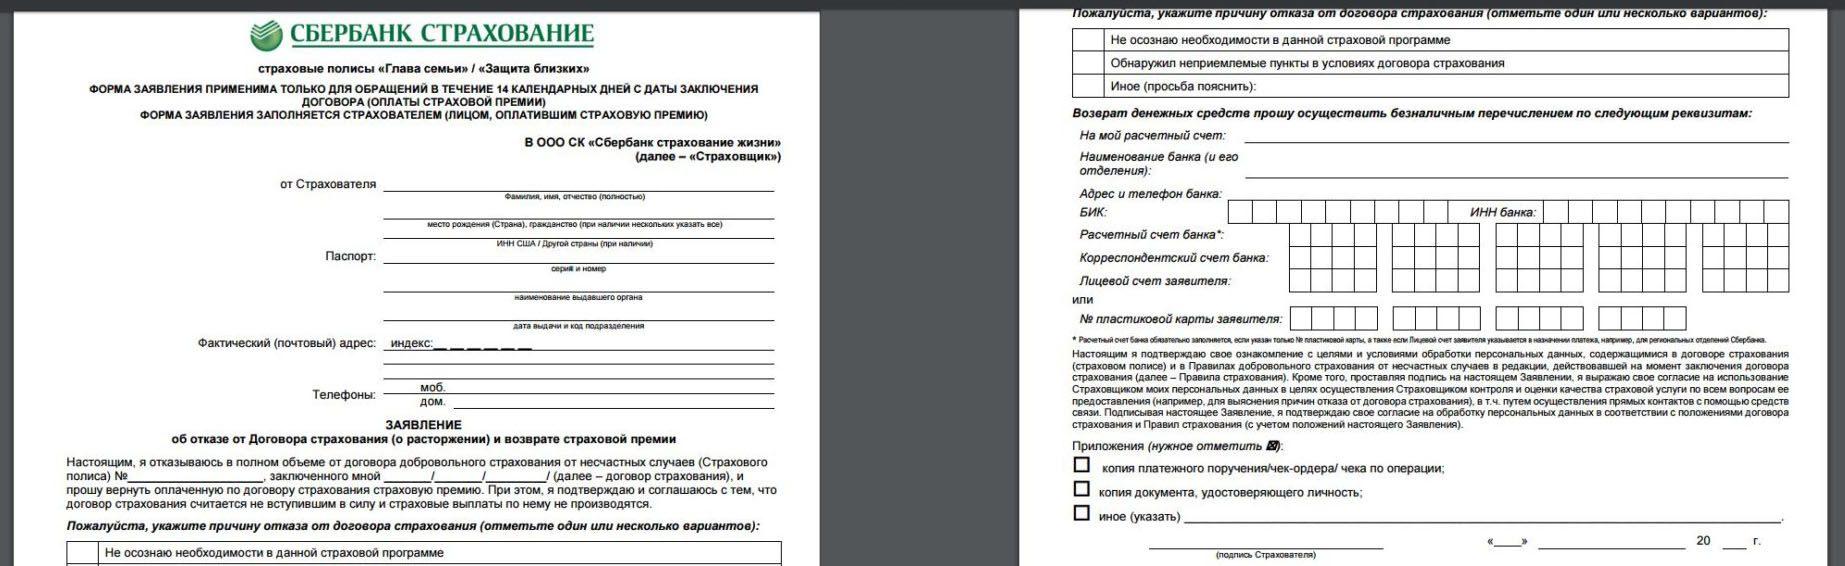 Кредит на авто с пробегом без первоначального взноса в челябинске